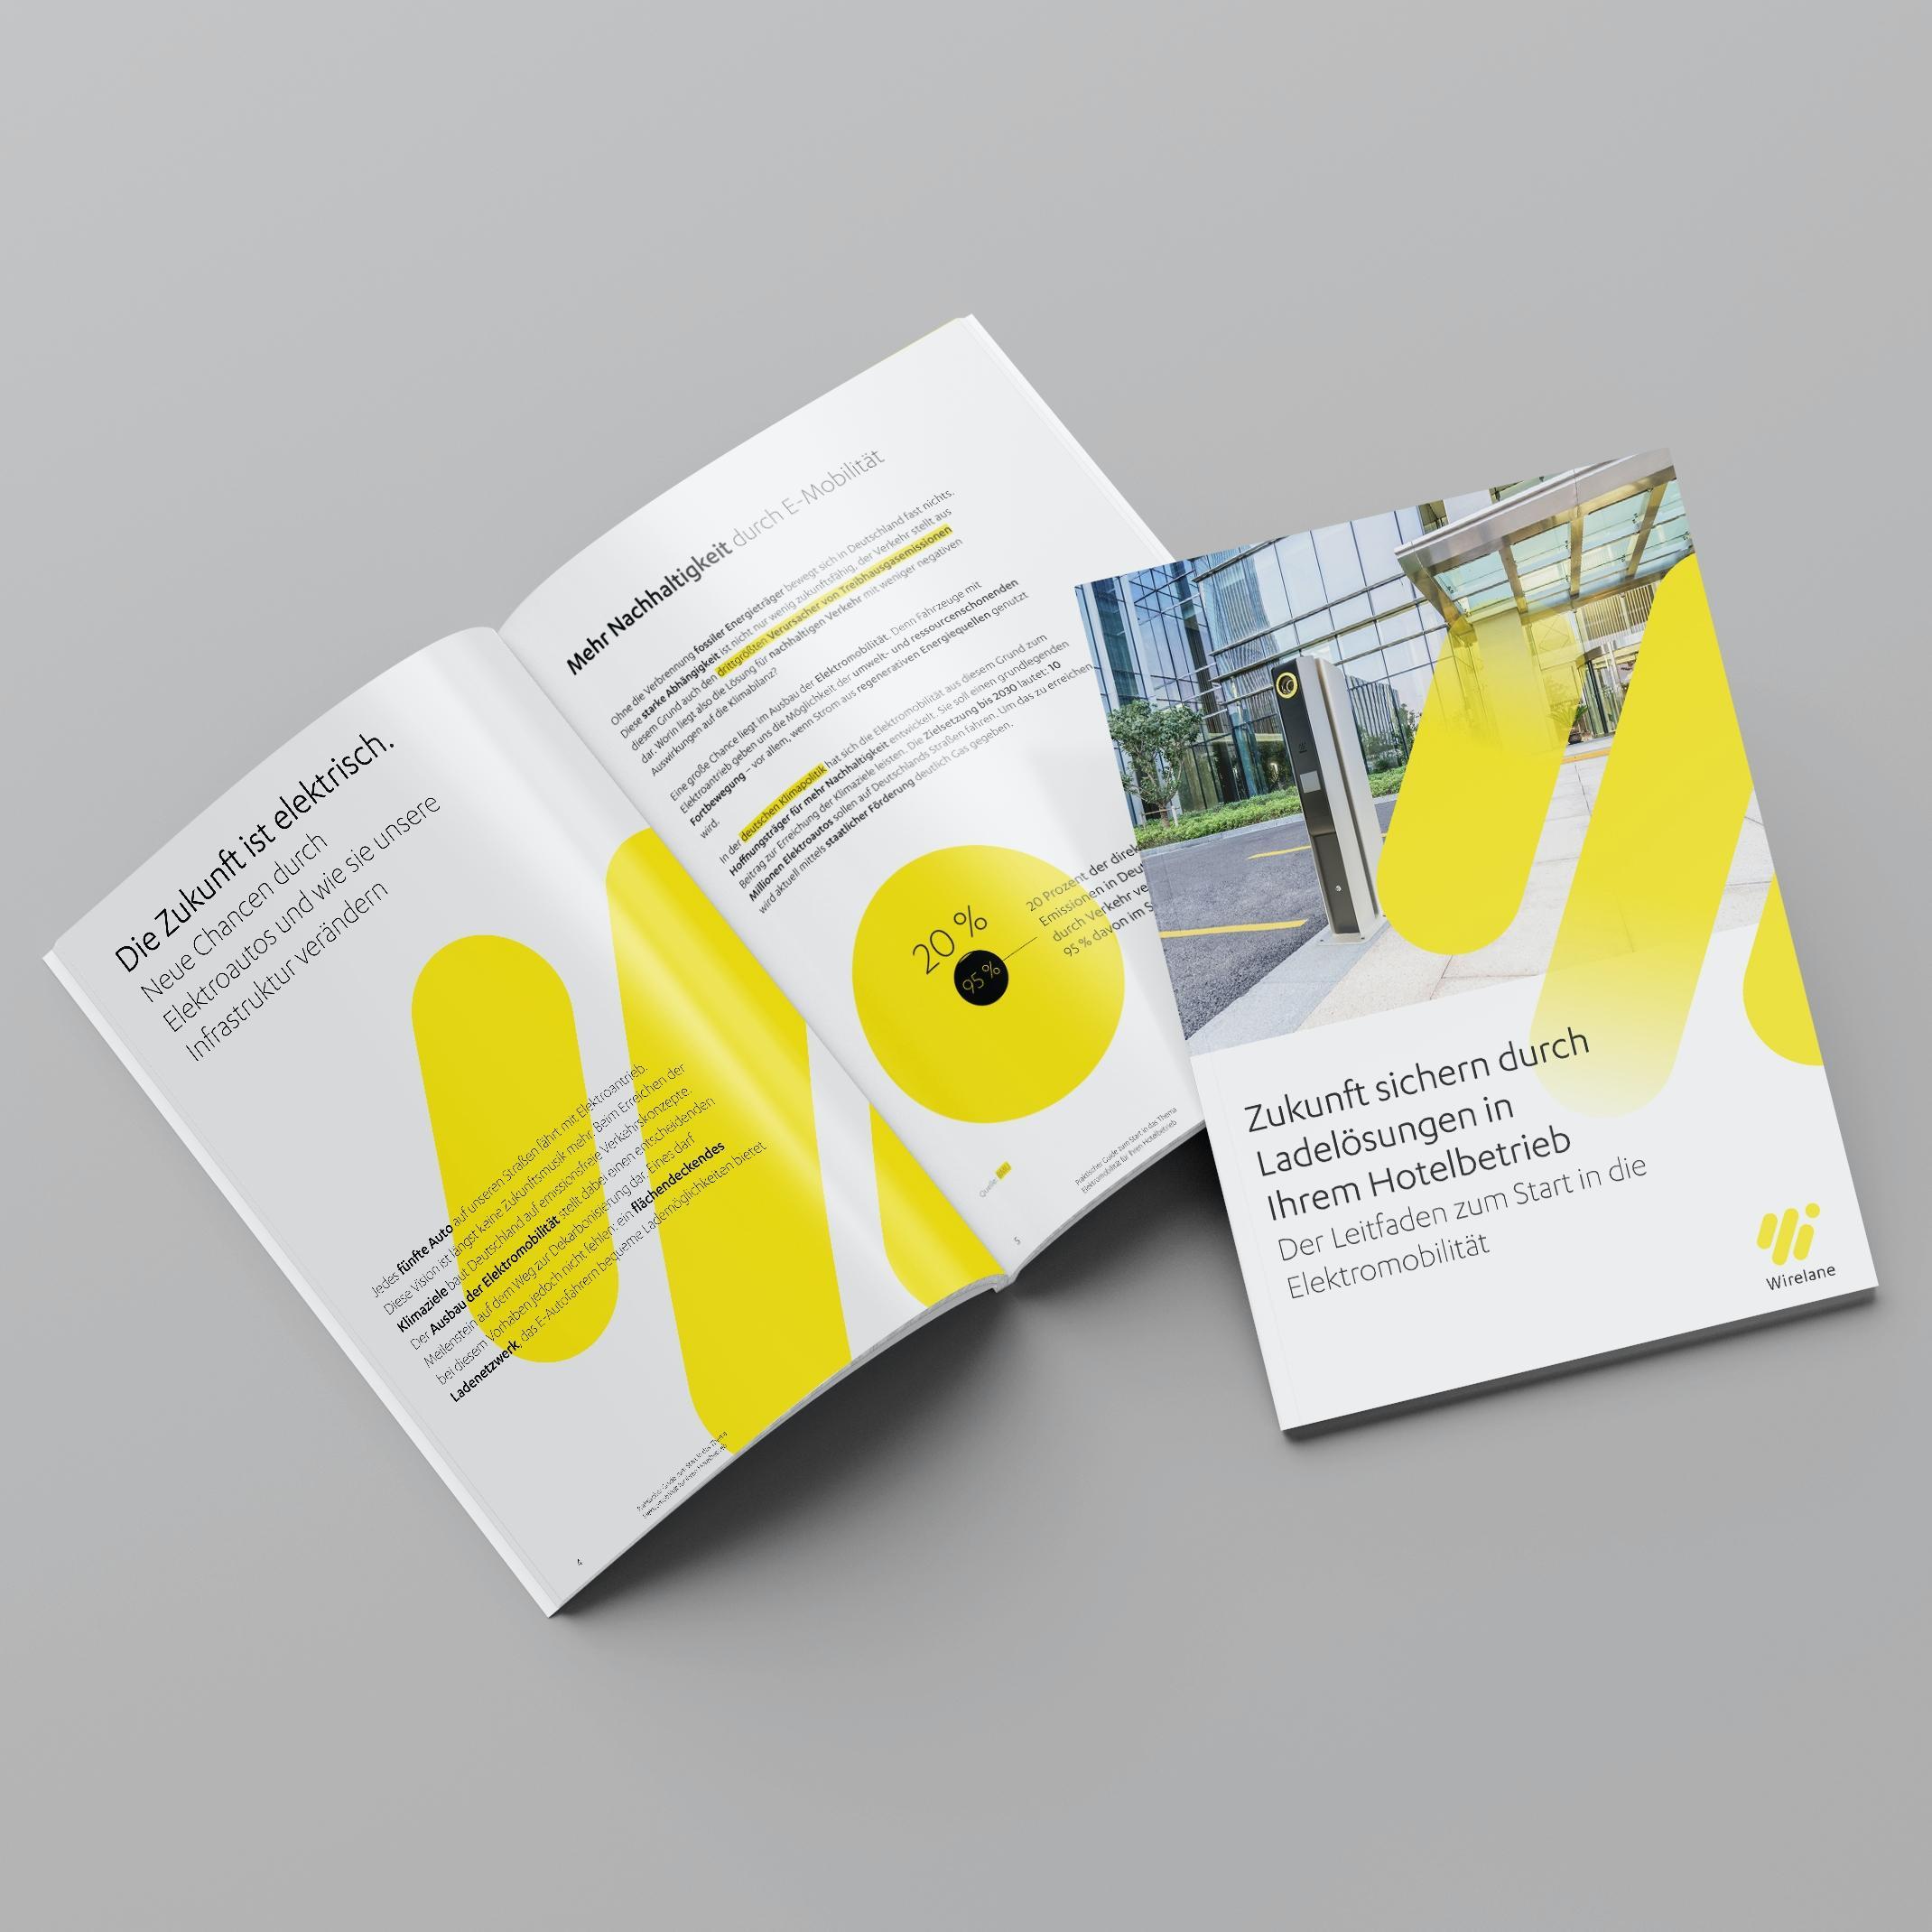 Wirelane Whitepaper Zukunft sichern durch Ladelösungen in Ihrem Hotelbetrieb